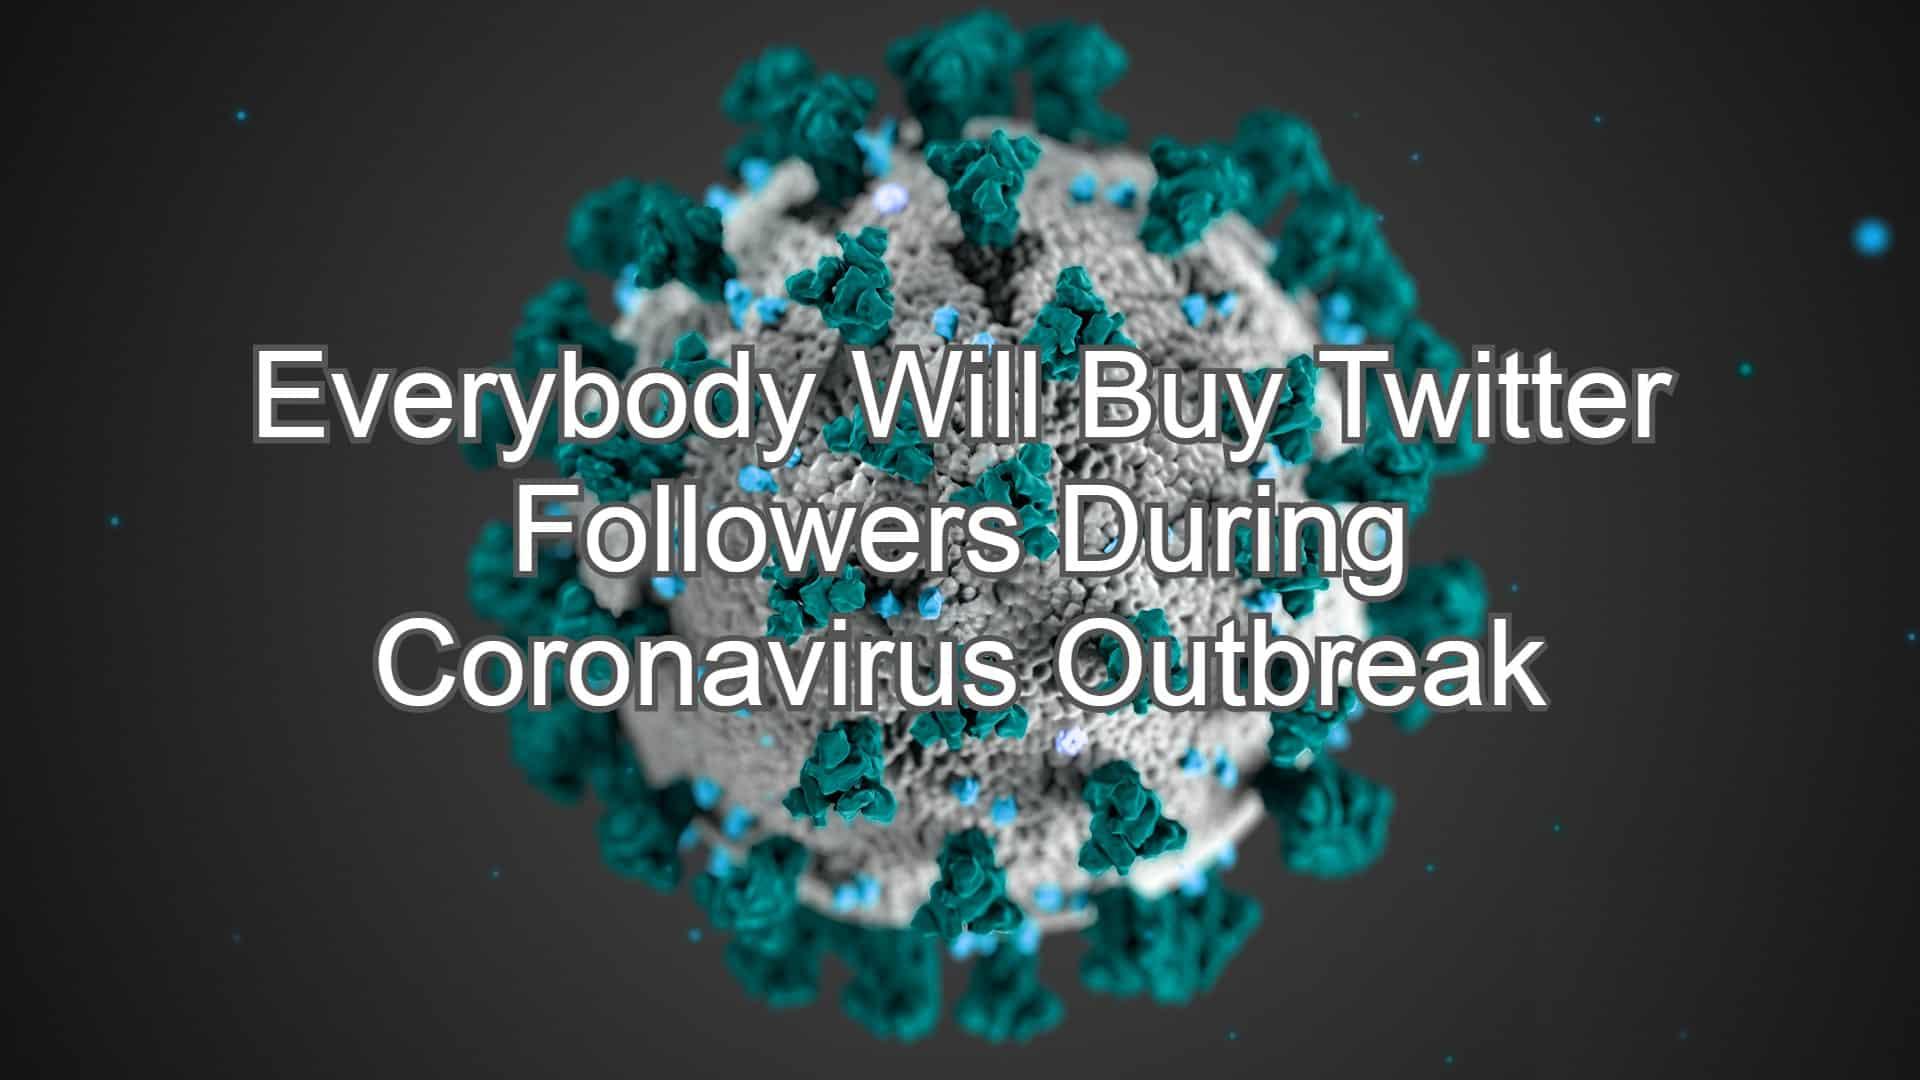 Everybody Will Buy Twitter Followers During Coronavirus Outbreak